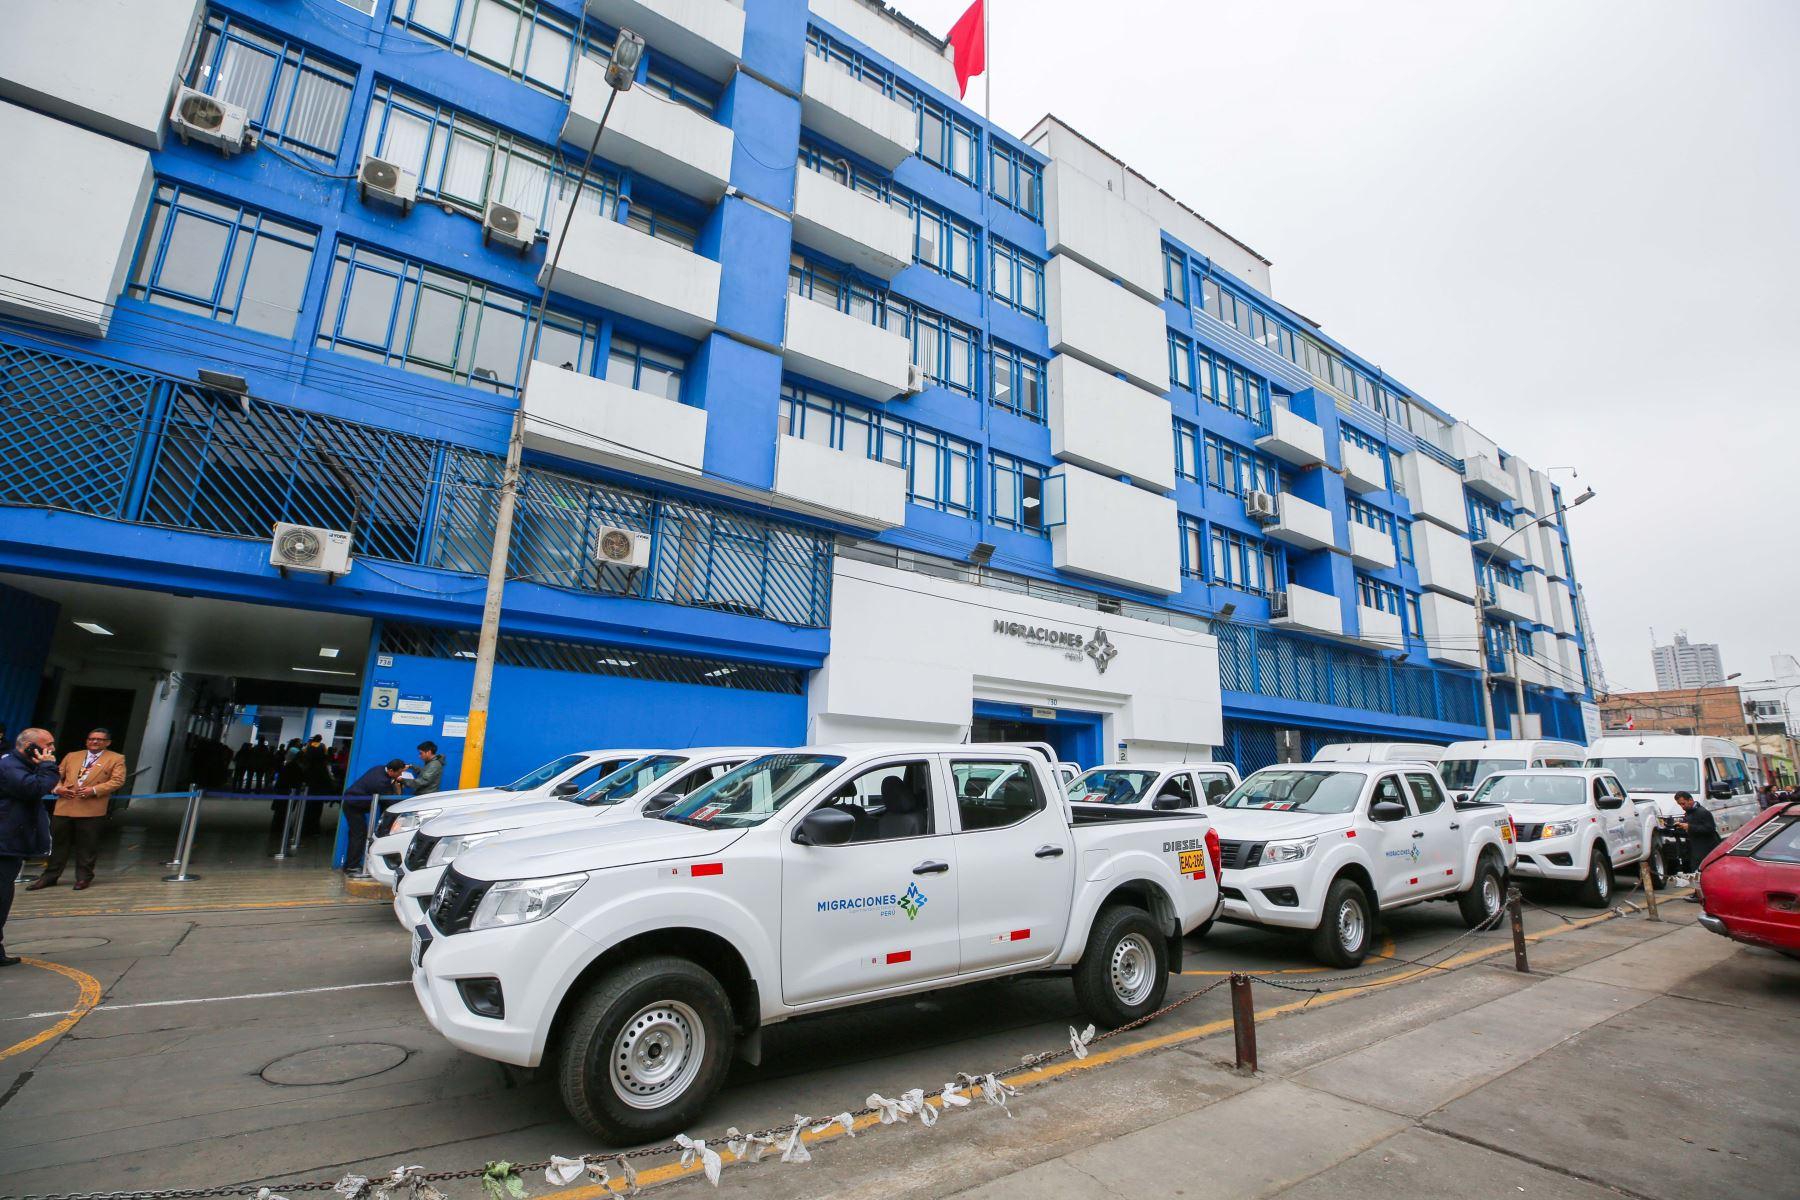 Vehículos ayudarán a las labores del personal en Lima y ciudades fronterizas. Foto: ANDINA/Migraciones